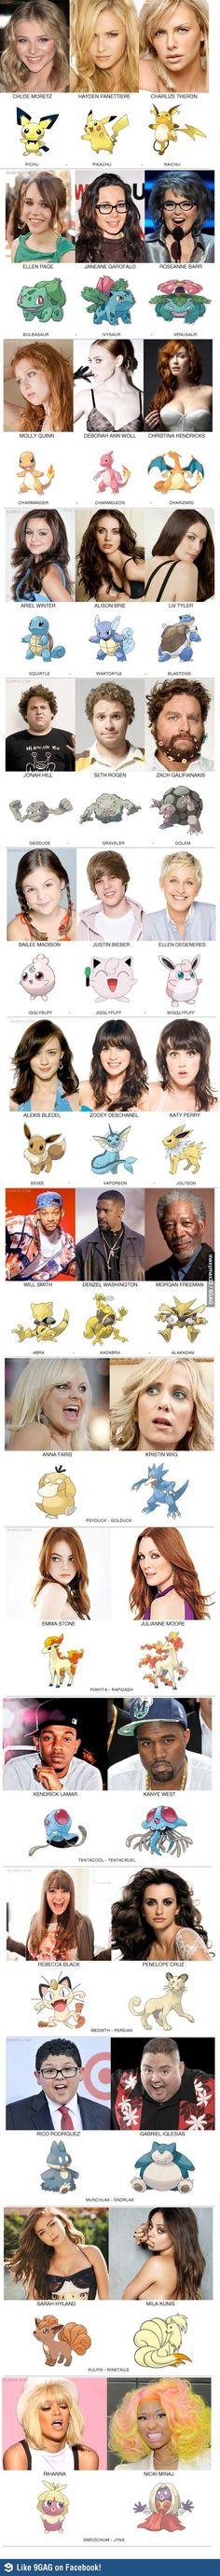 Pokémon + Celebrity